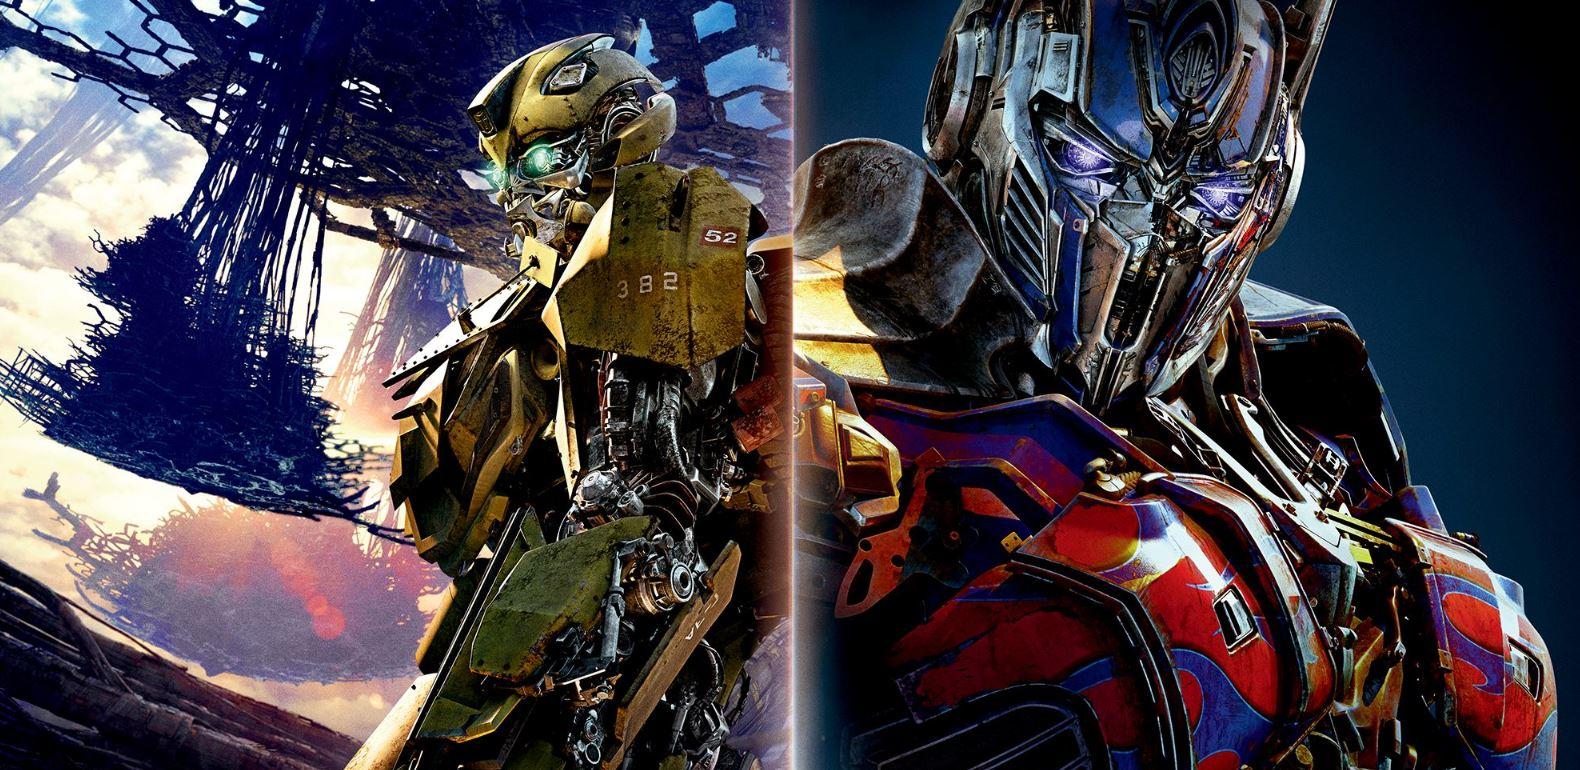 Arany Málna: A Transformers 5 lehet 2017 legrosszabb filmje